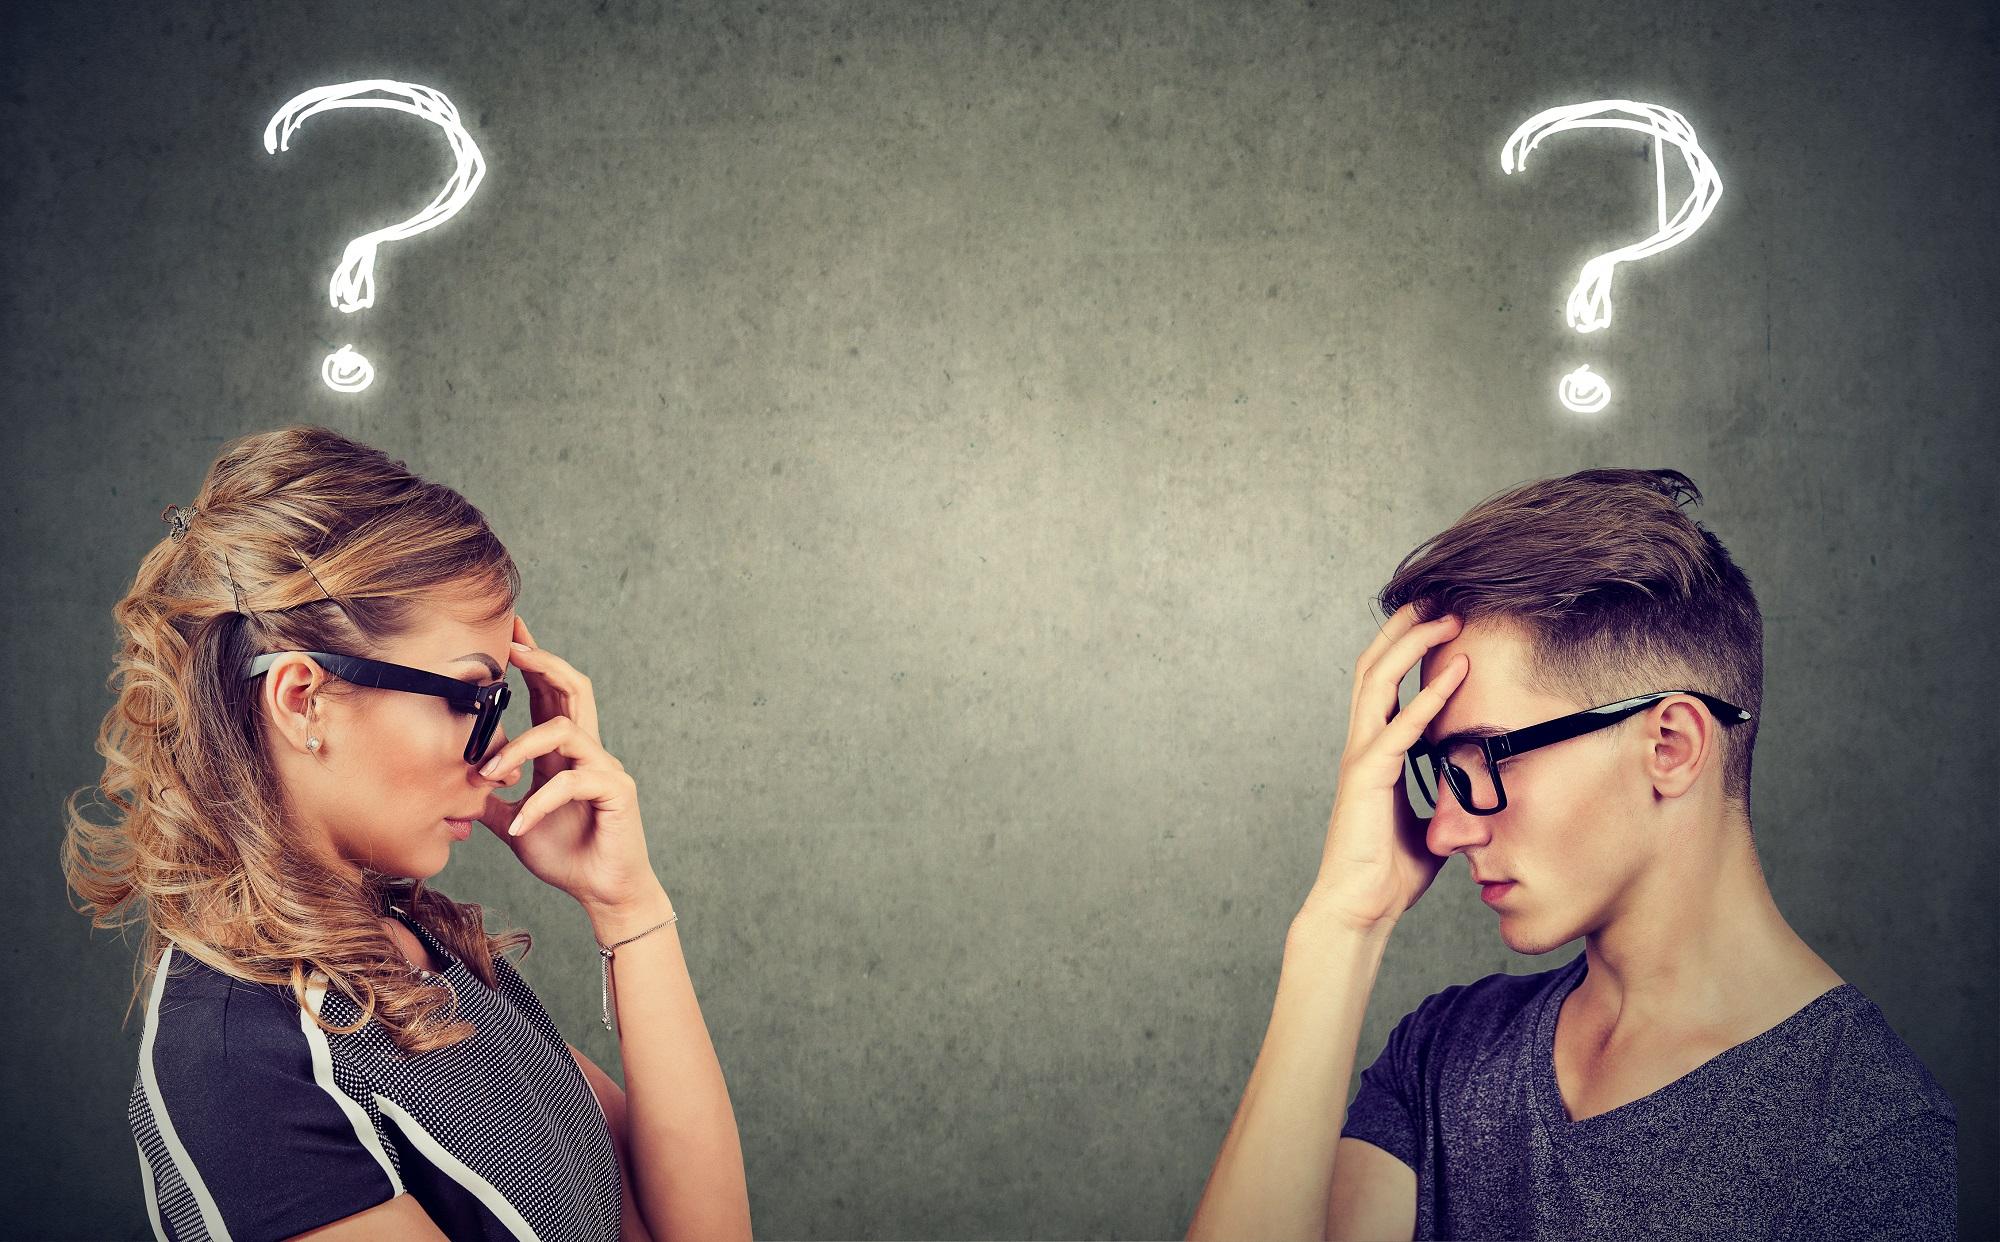 Divorce et cohabitation, lorsque les réalités économique et sociale l'imposent